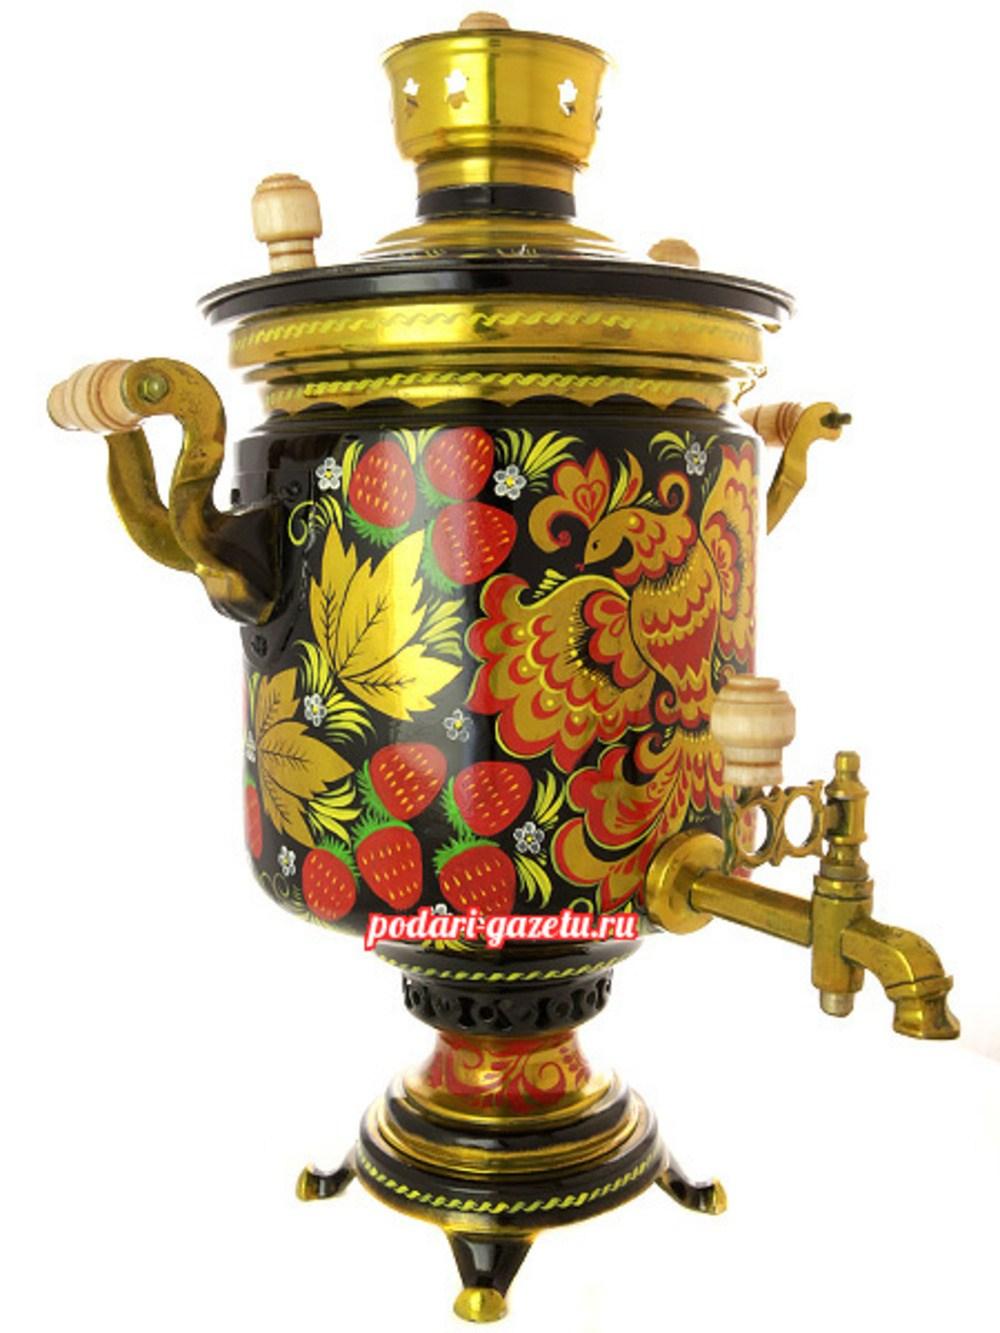 Комбинированный самовар (электрический/угольный) на 7 литров с художественной росписью Жар-птица